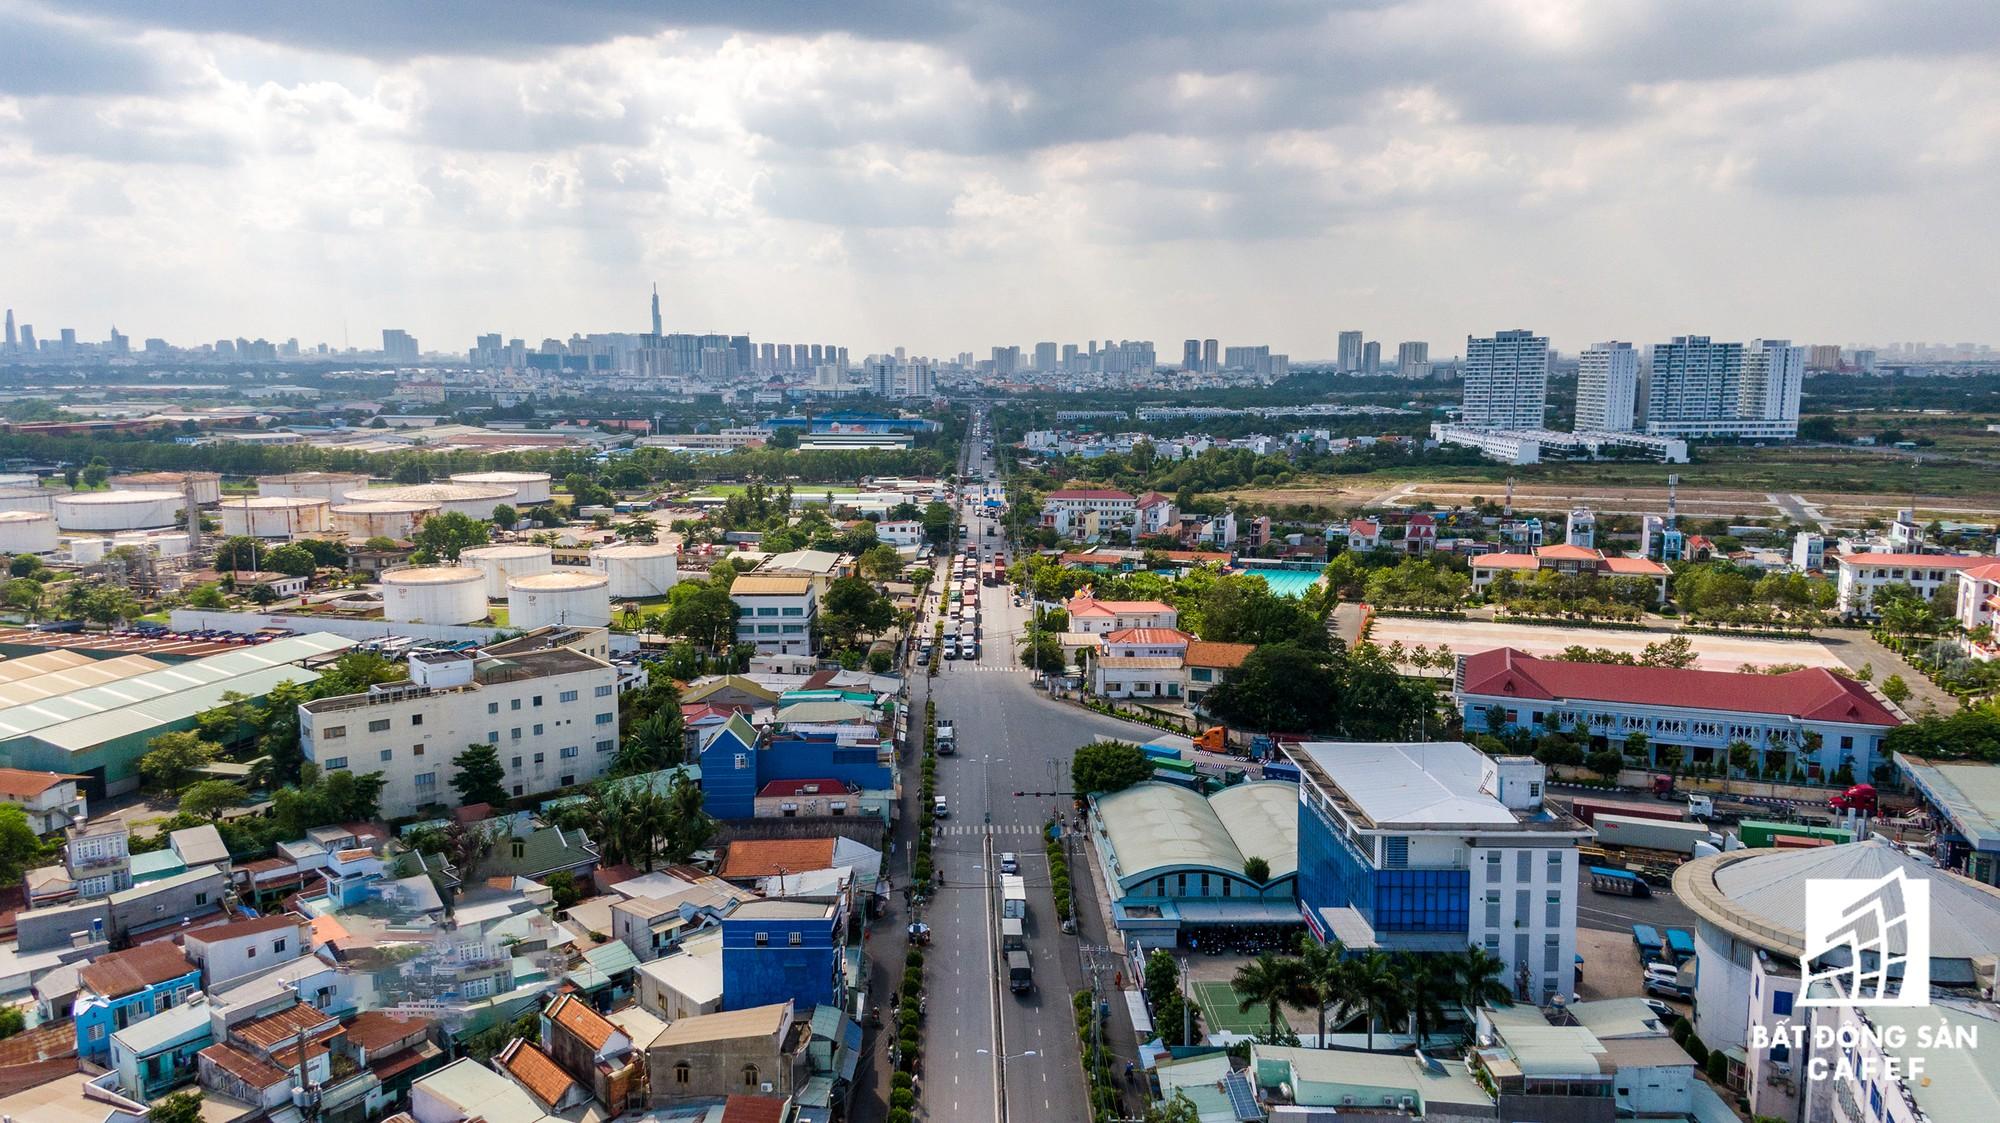 Đồng Nai chốt phương án xây cầu Cát Lái nối Nhơn Trạch và TP.HCM, bức tranh thị trường bất động sản thay đổi chóng mặt - Ảnh 14.